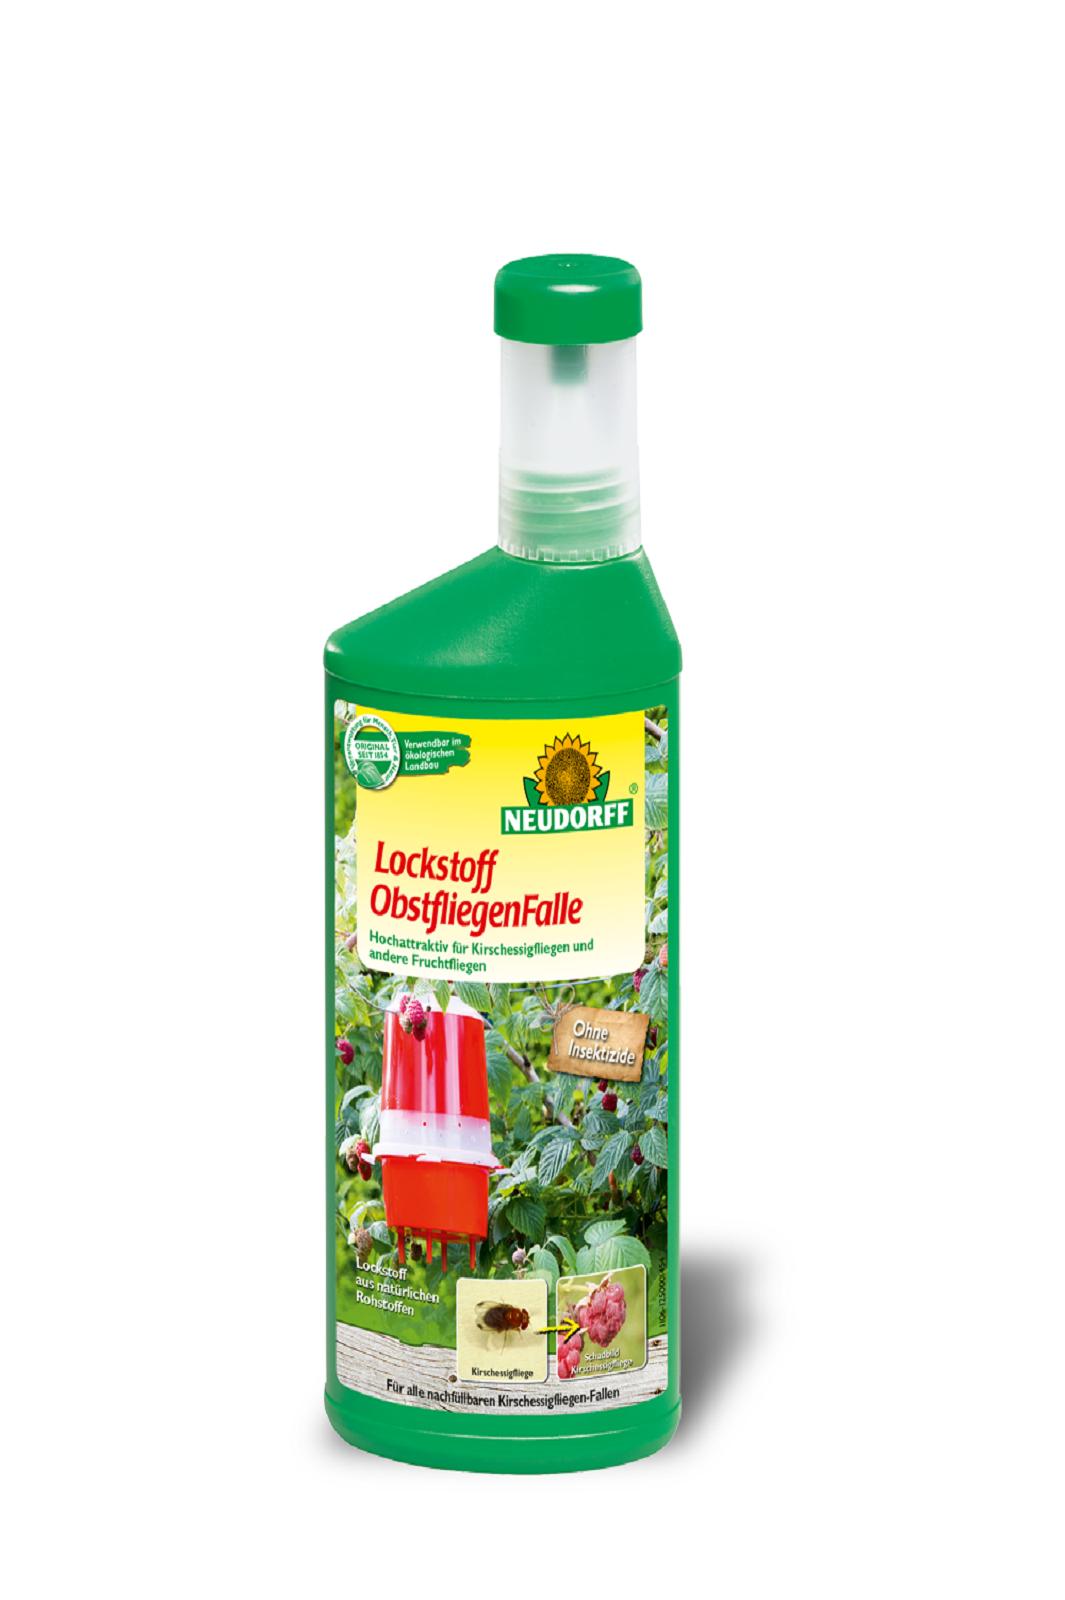 Neudorff  Lockstoff Obstfliegenfalle 500 ml